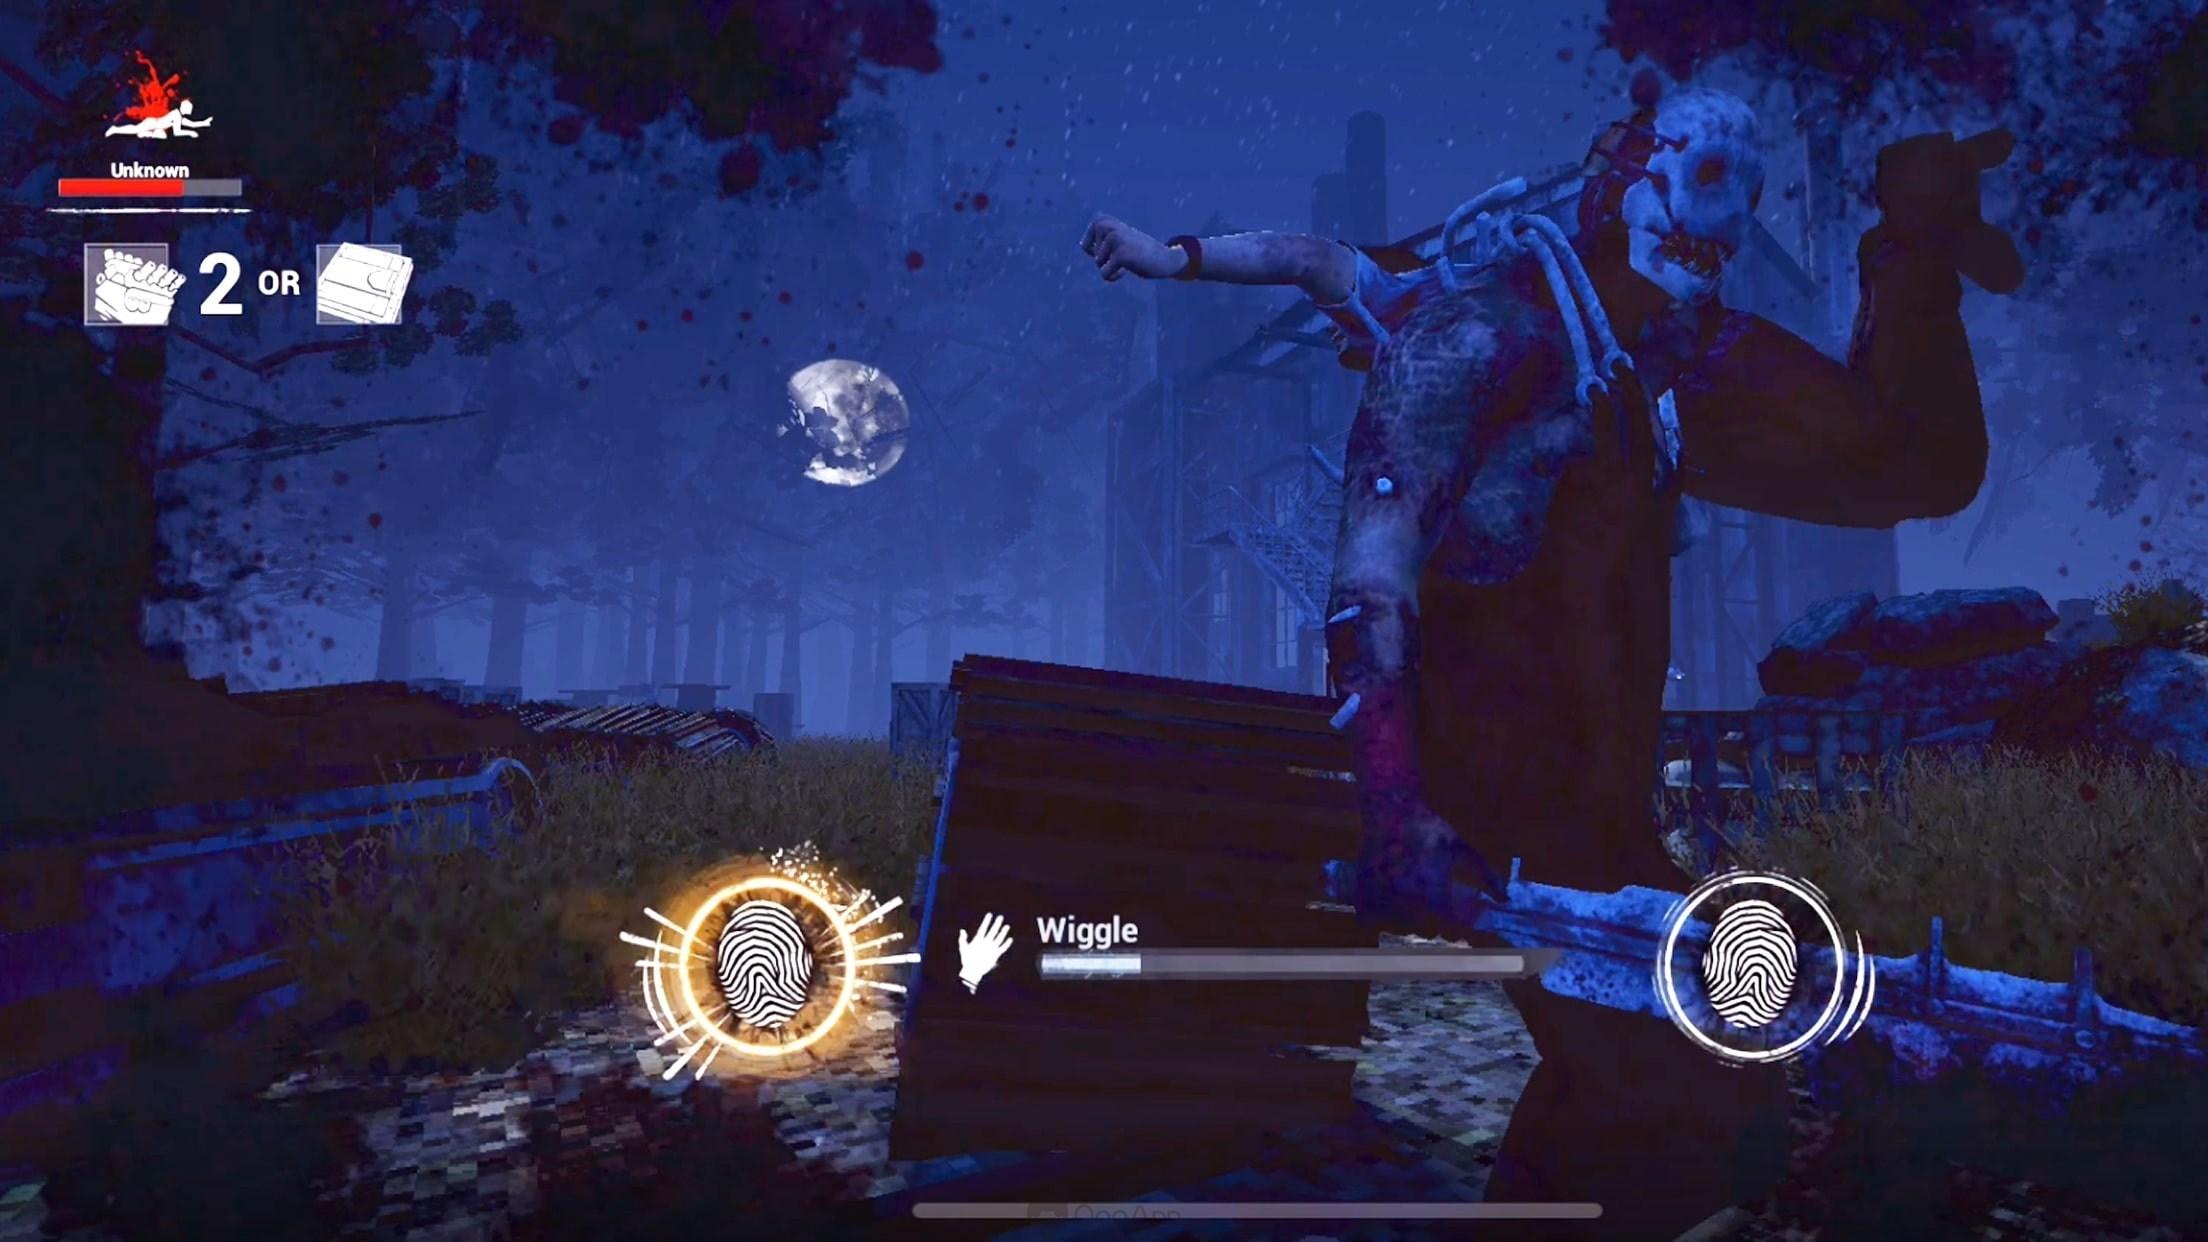 Game sinh tồn kinh dị Dead by Daylight mobile chính thức mở đăng ký sớm - Hình 1